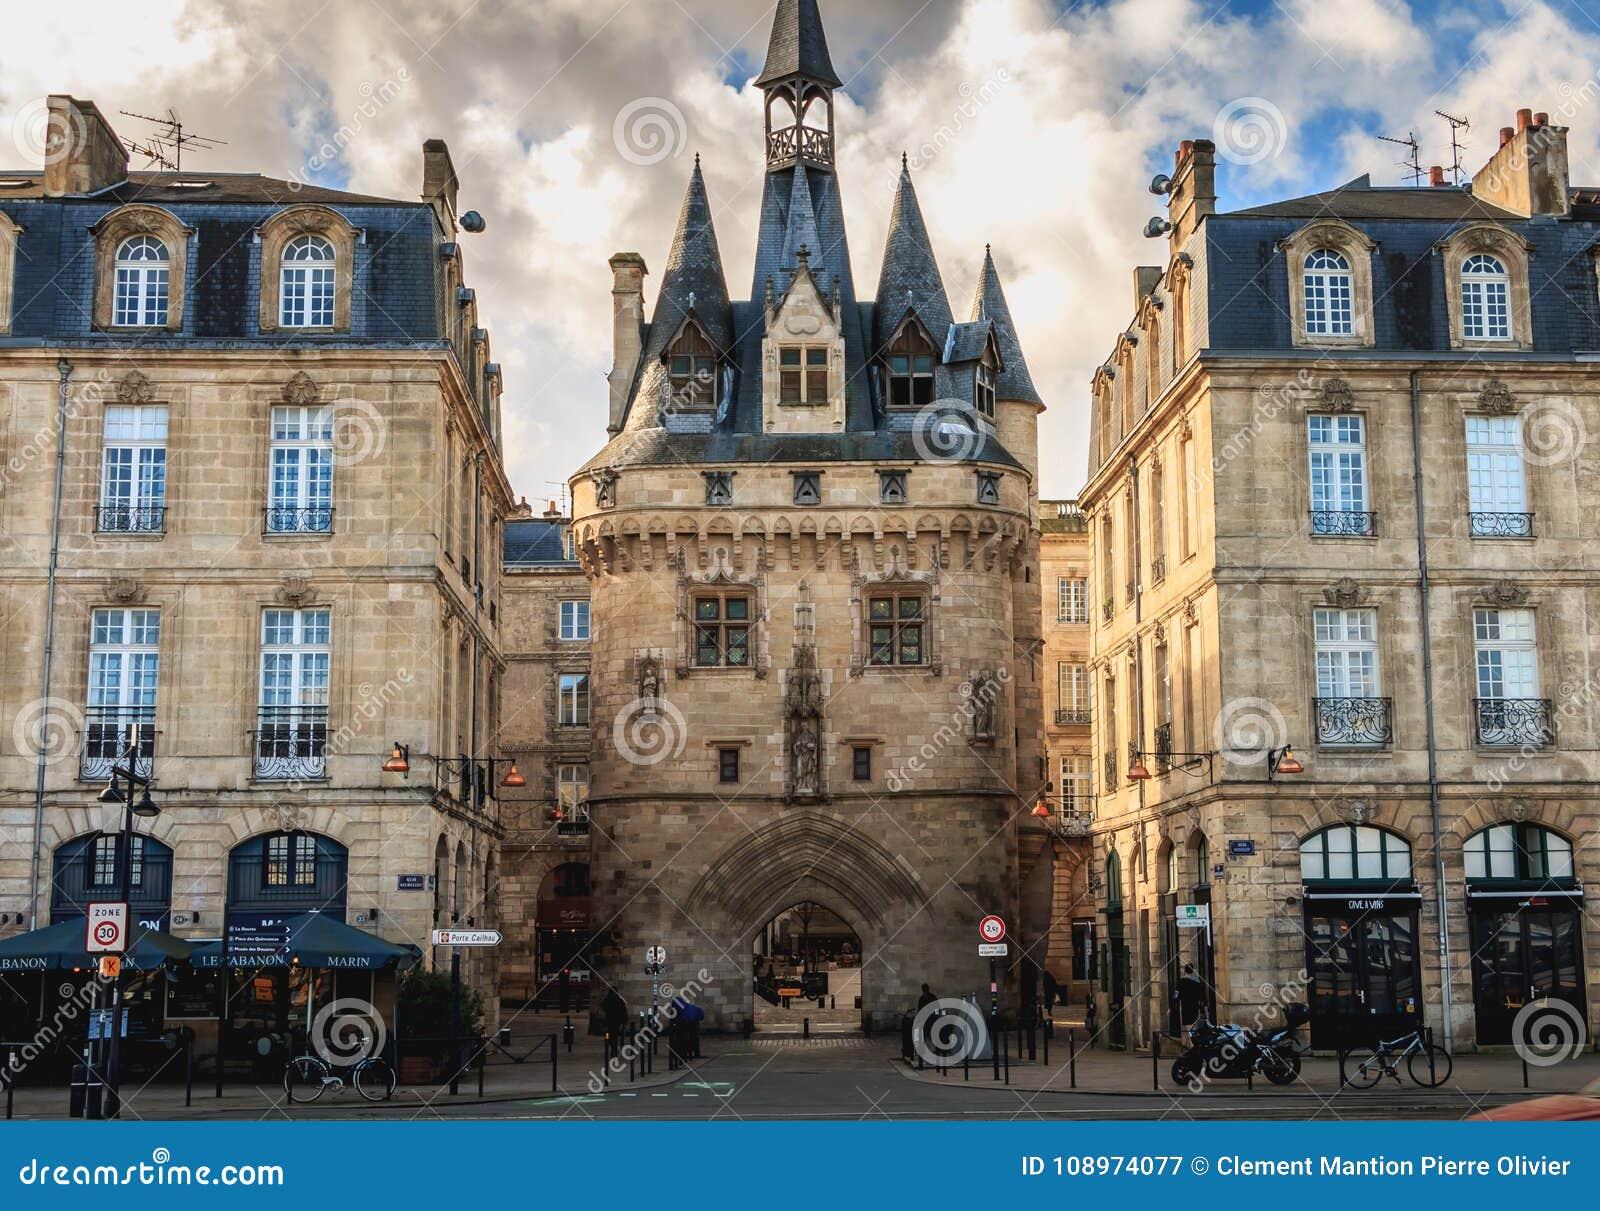 Dettaglio architettonico del portone di Cailhau in Bordeaux